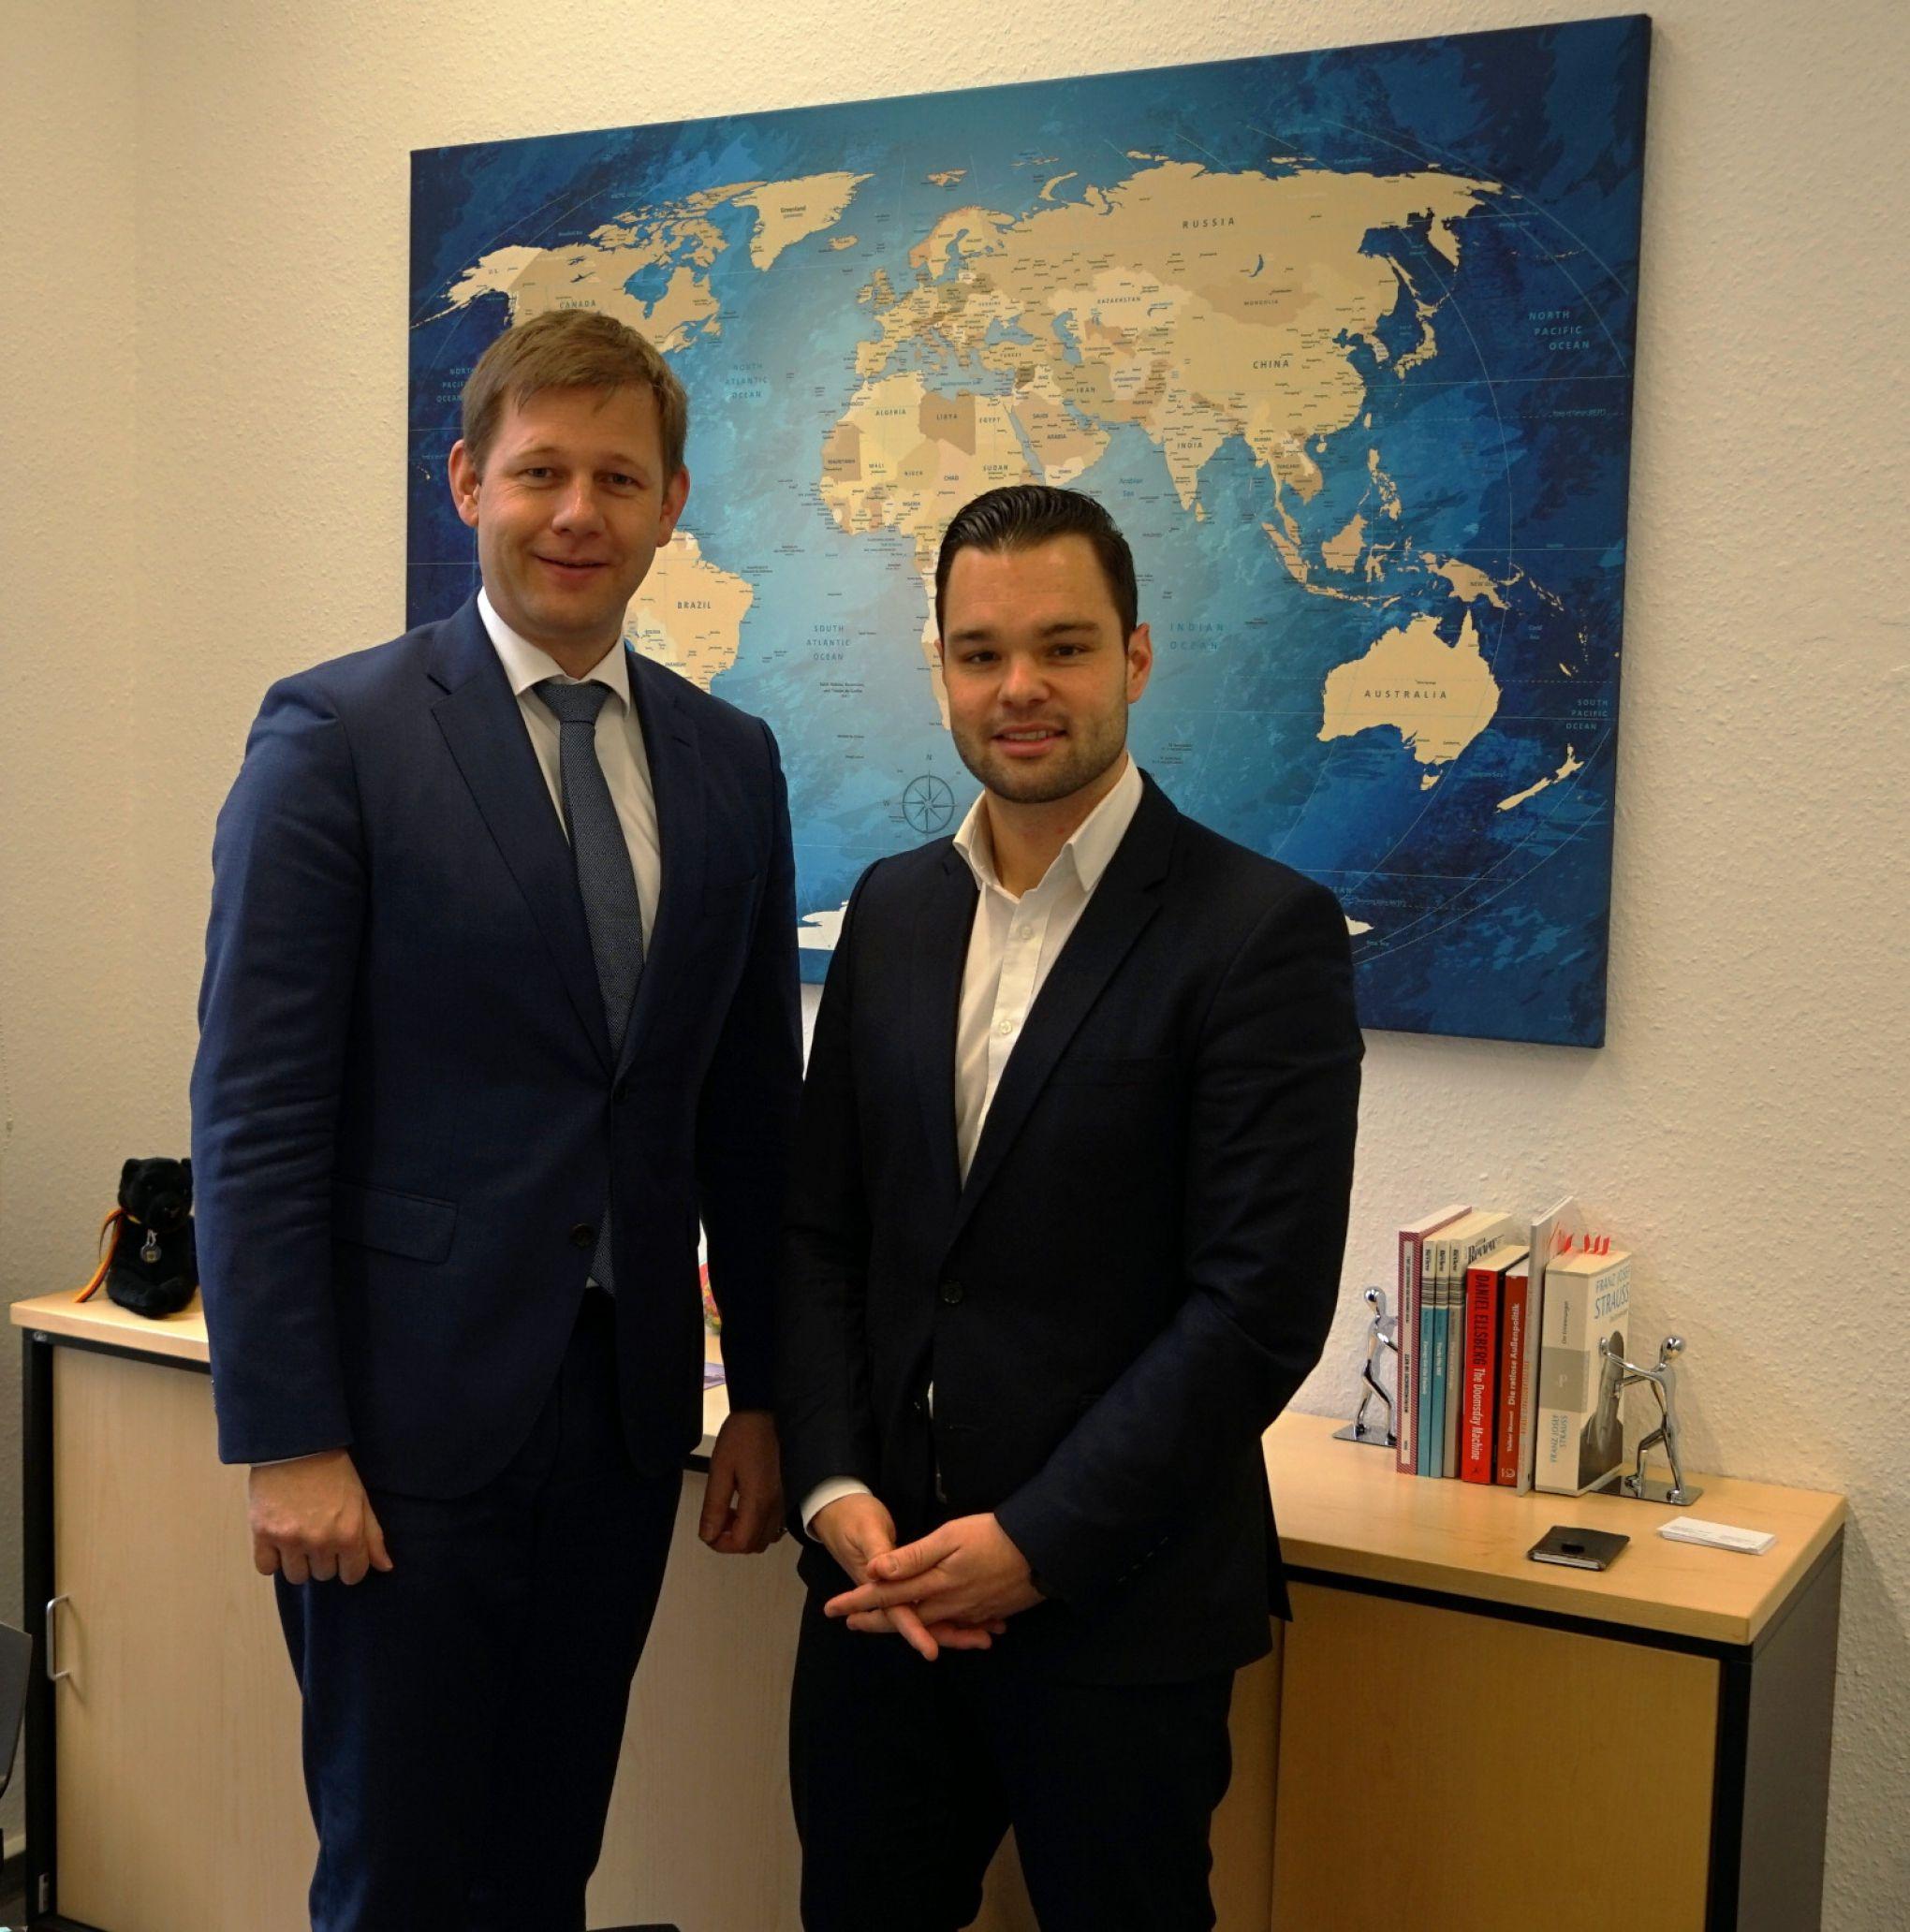 Der stellvertretende Vorsitzende des Unterausschusses Auswärtige Kultur- und Bildungspolitik des Deutschen Bundestages, Herrn Thomas Erndl MdB mit dem Projektleiter Dr. Marco Just Quiles.